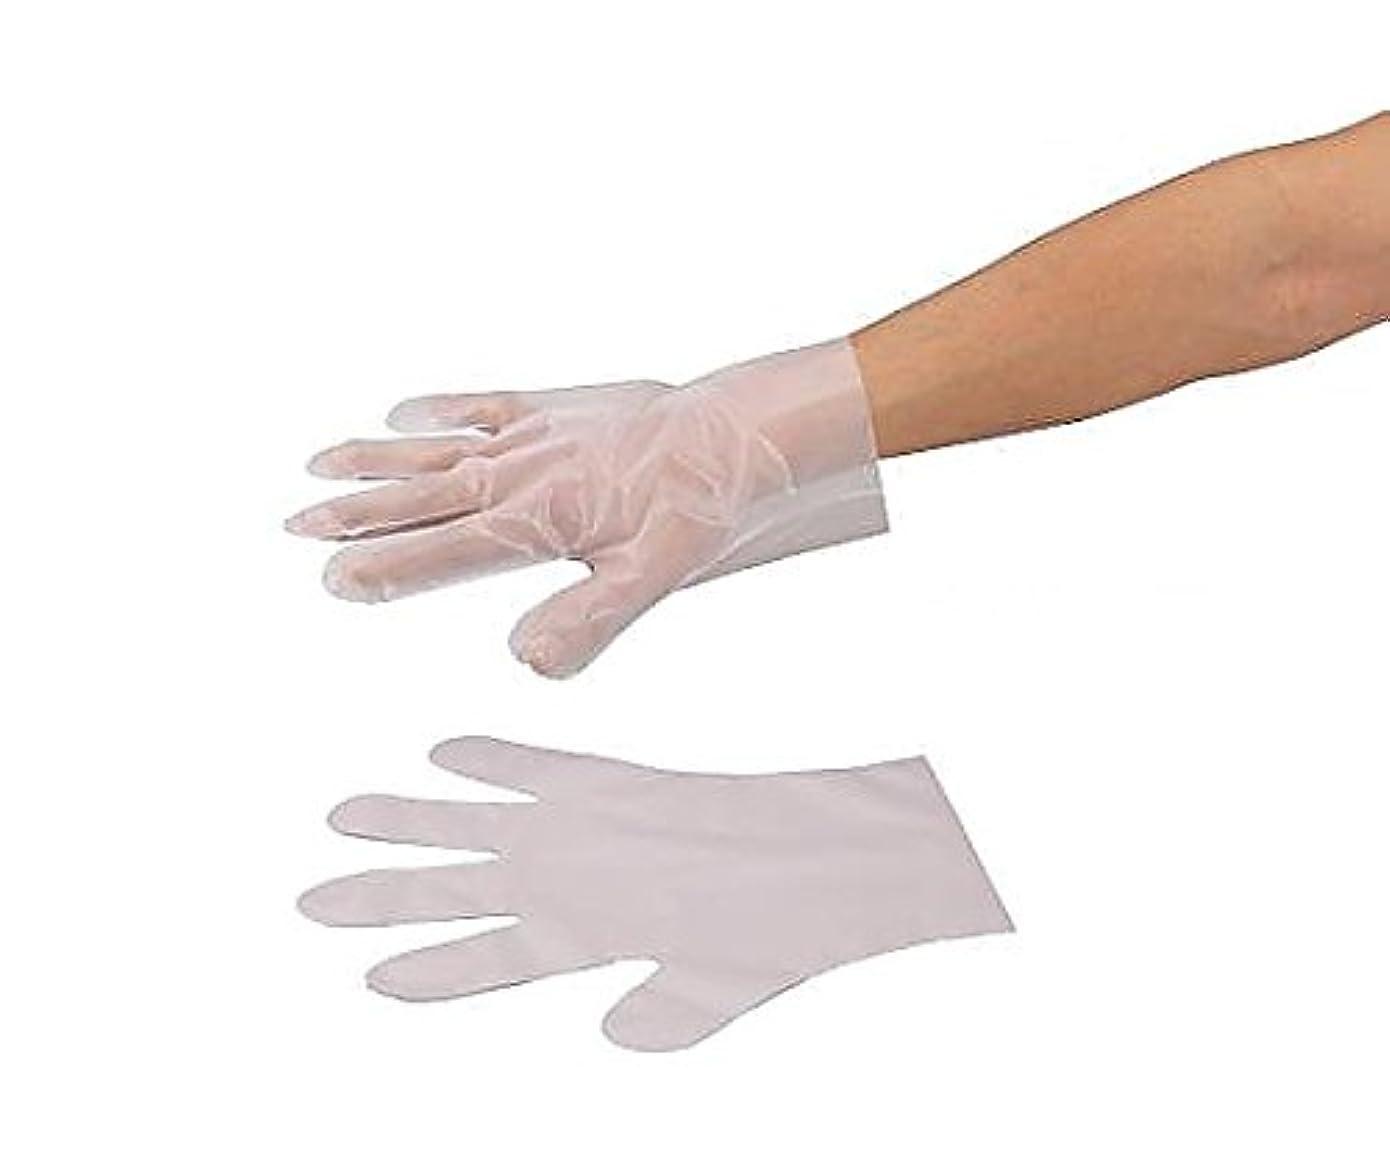 損失光景コンピューターを使用するアズワン9-889-03ラボランサニメント手袋(PE?厚手タイプ)エンボス付S10箱+1箱